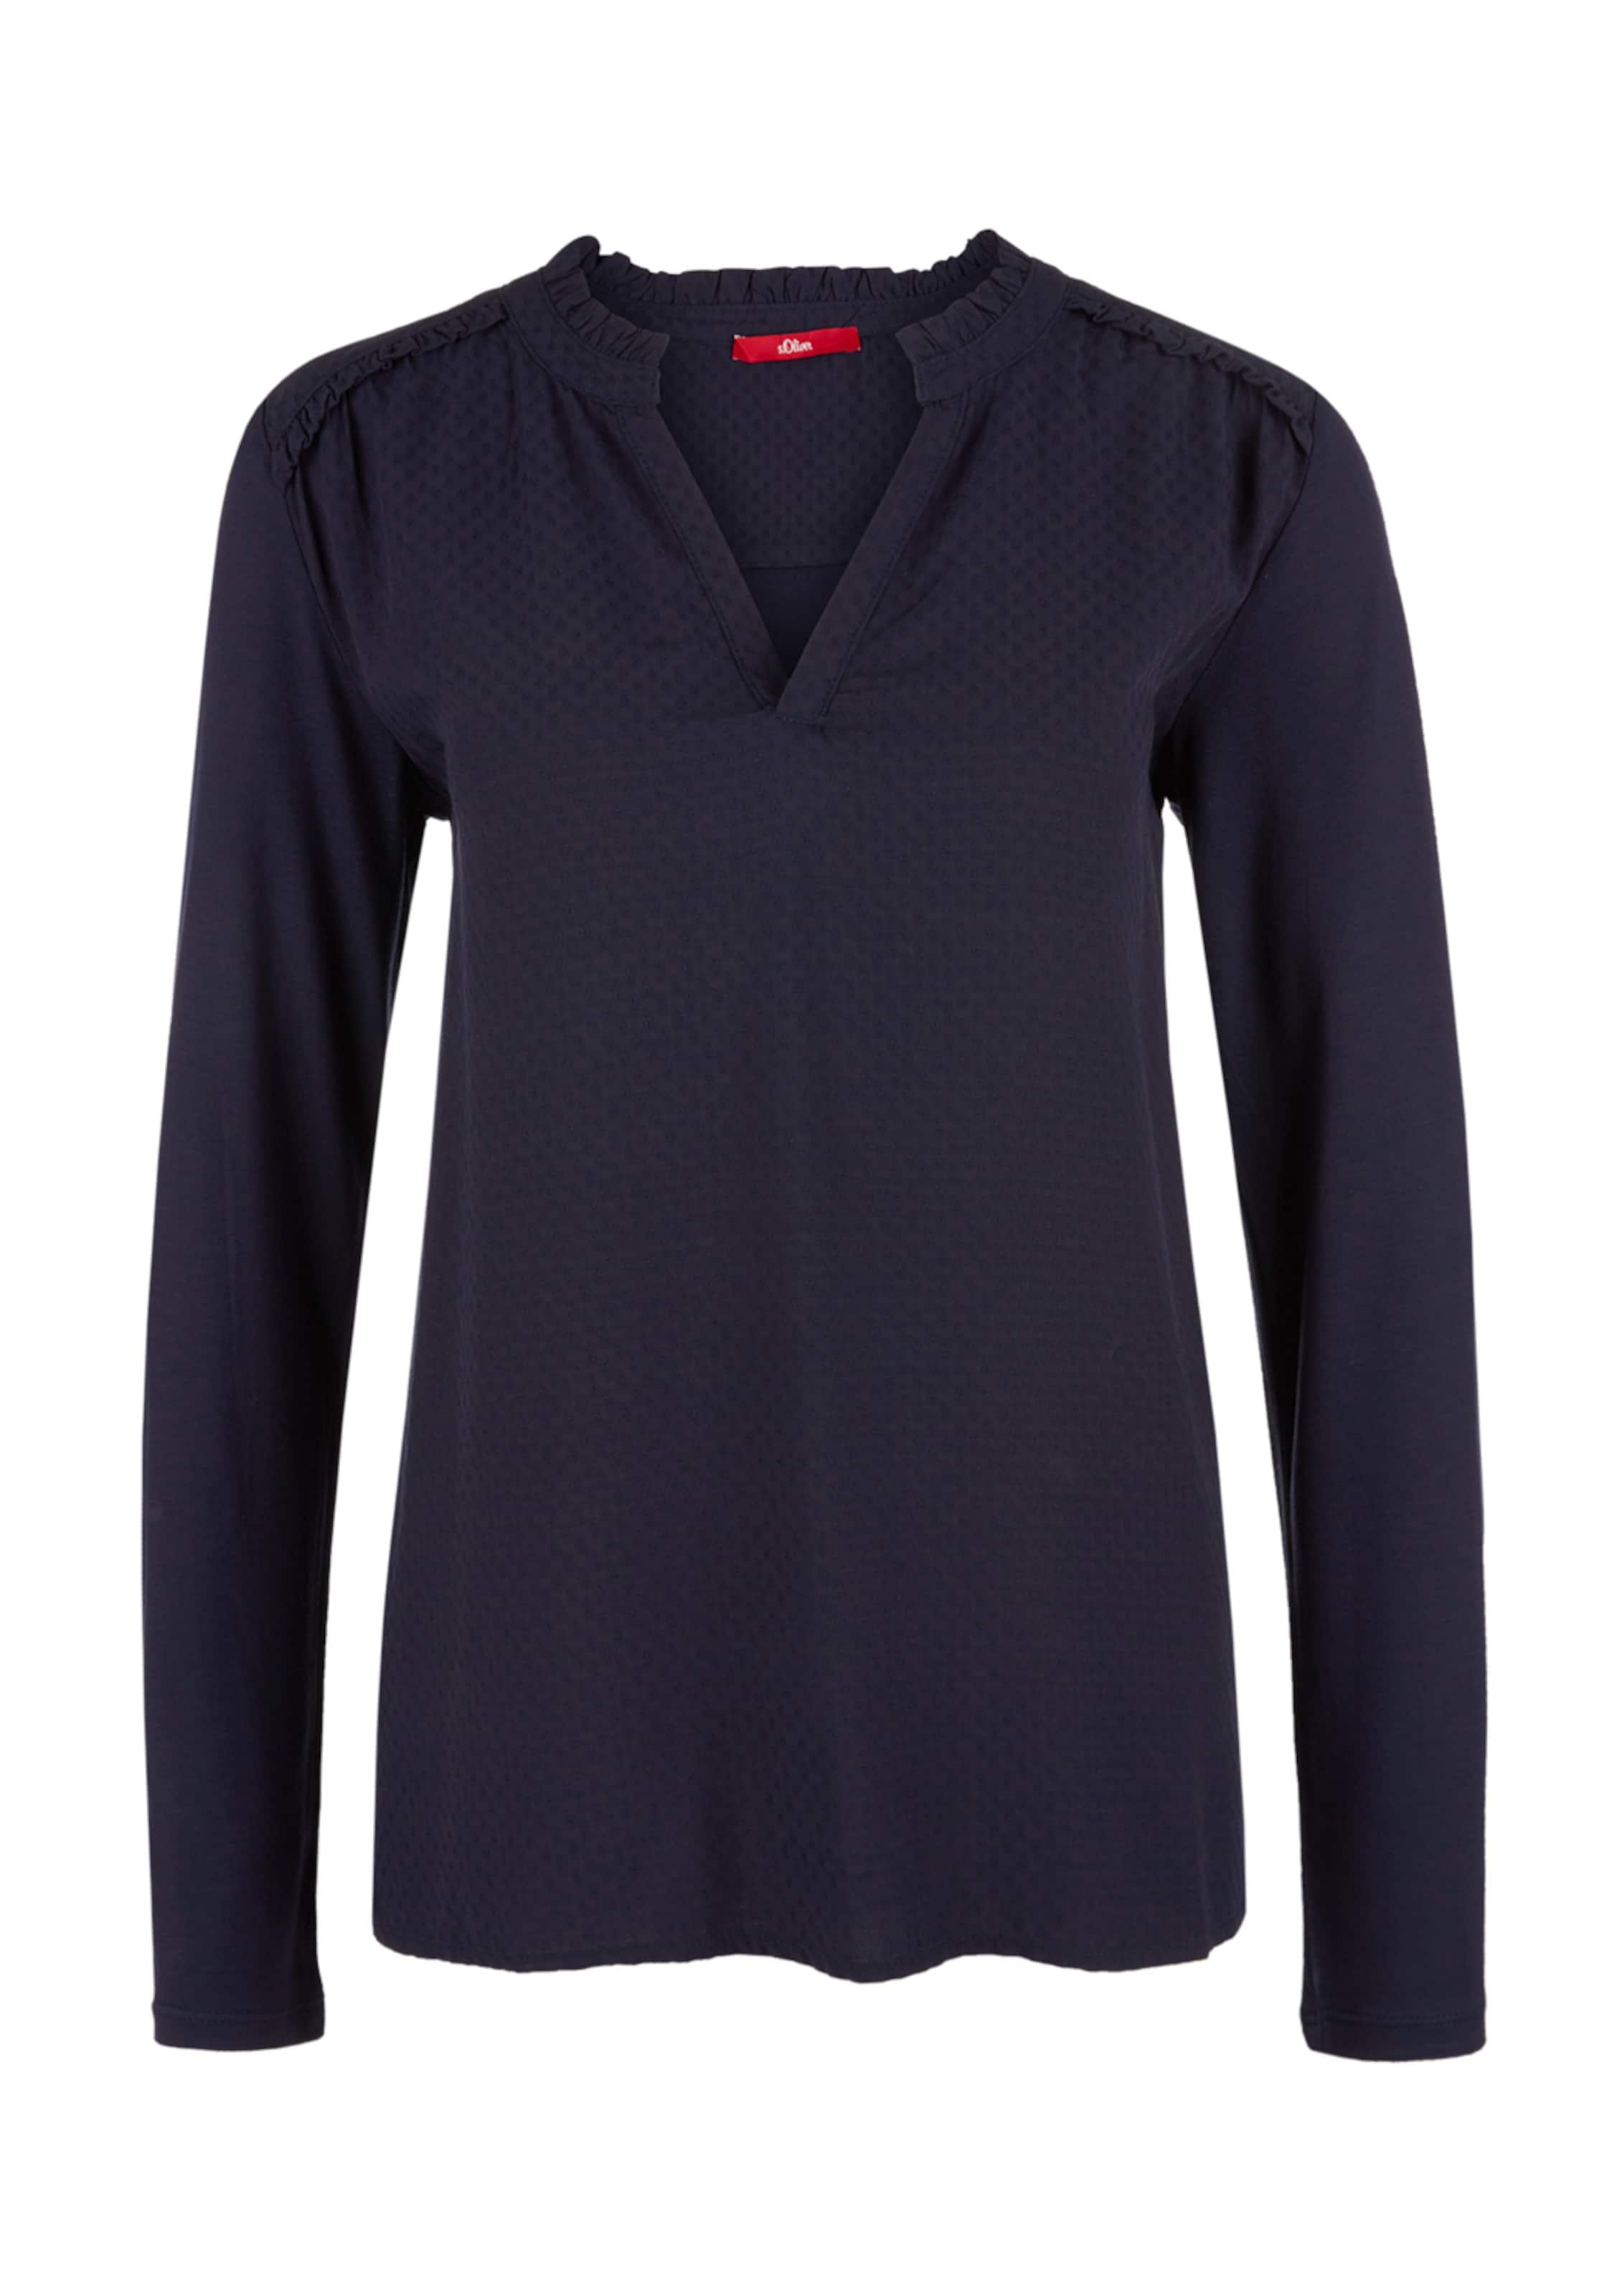 S Rüschen Label Nachtblau Mit Blusenshirt oliver Red In hdBsQtCrxo